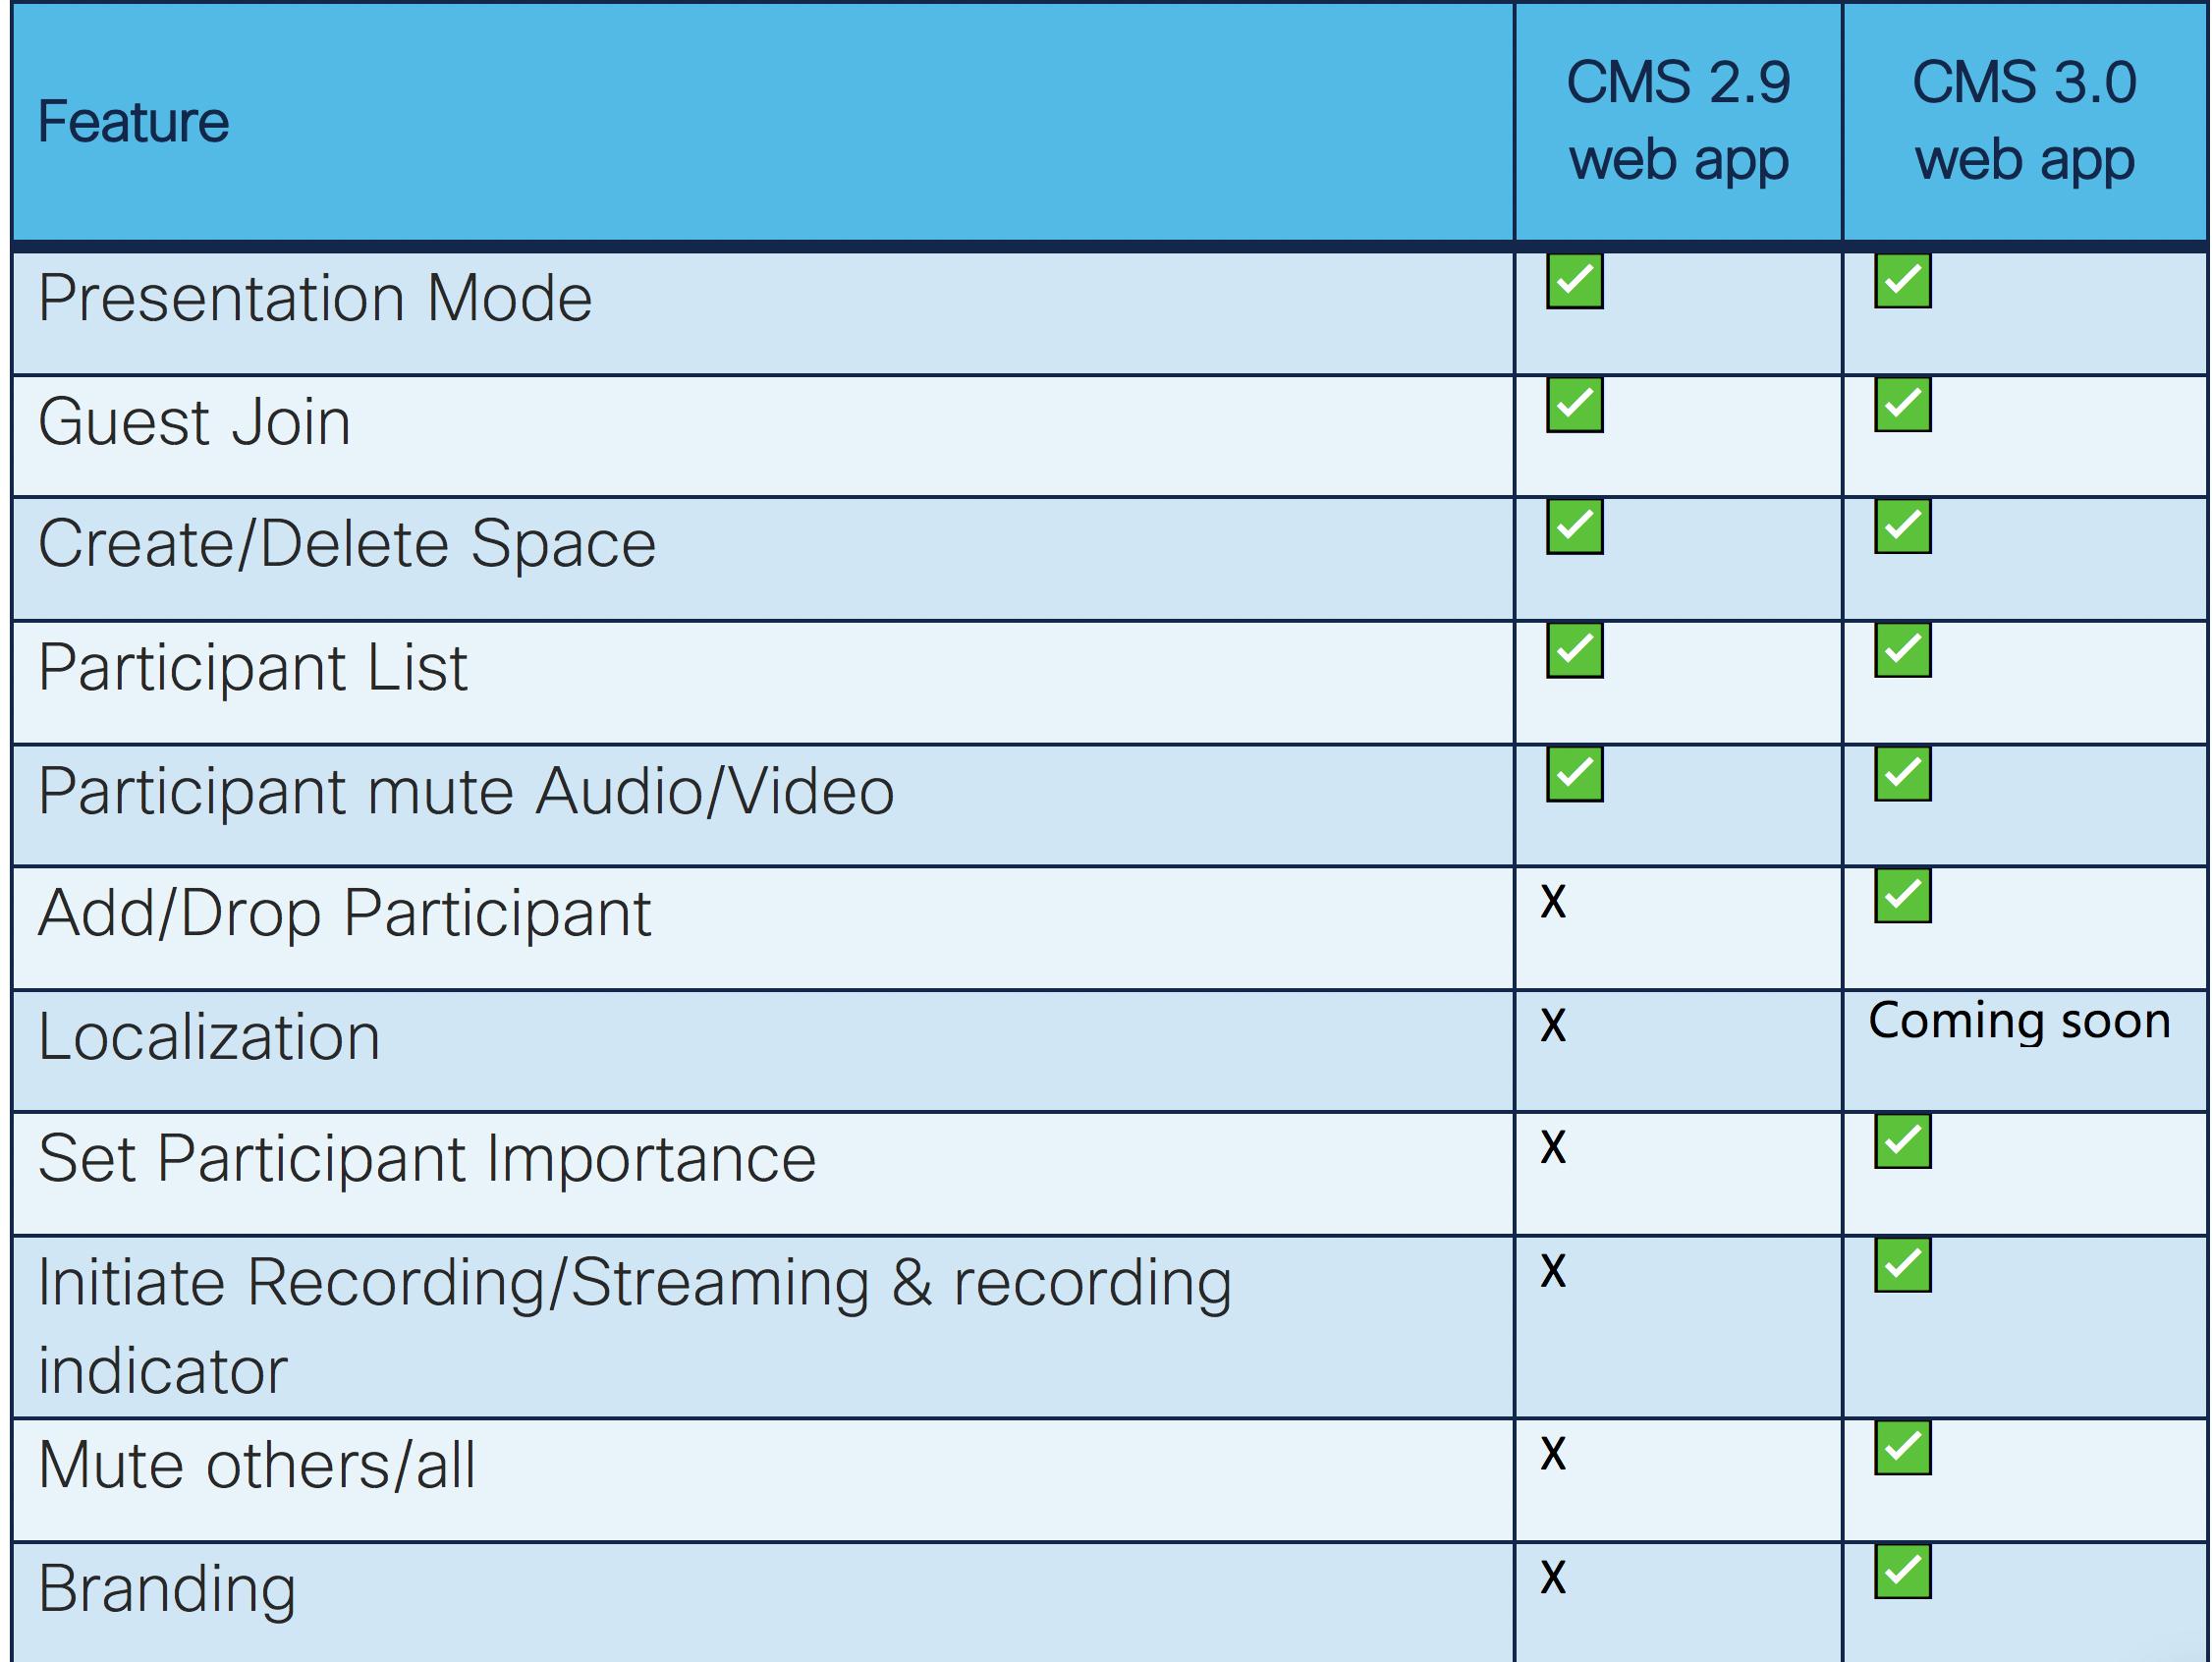 Cisco Meeting Server web app- Feature list comparison